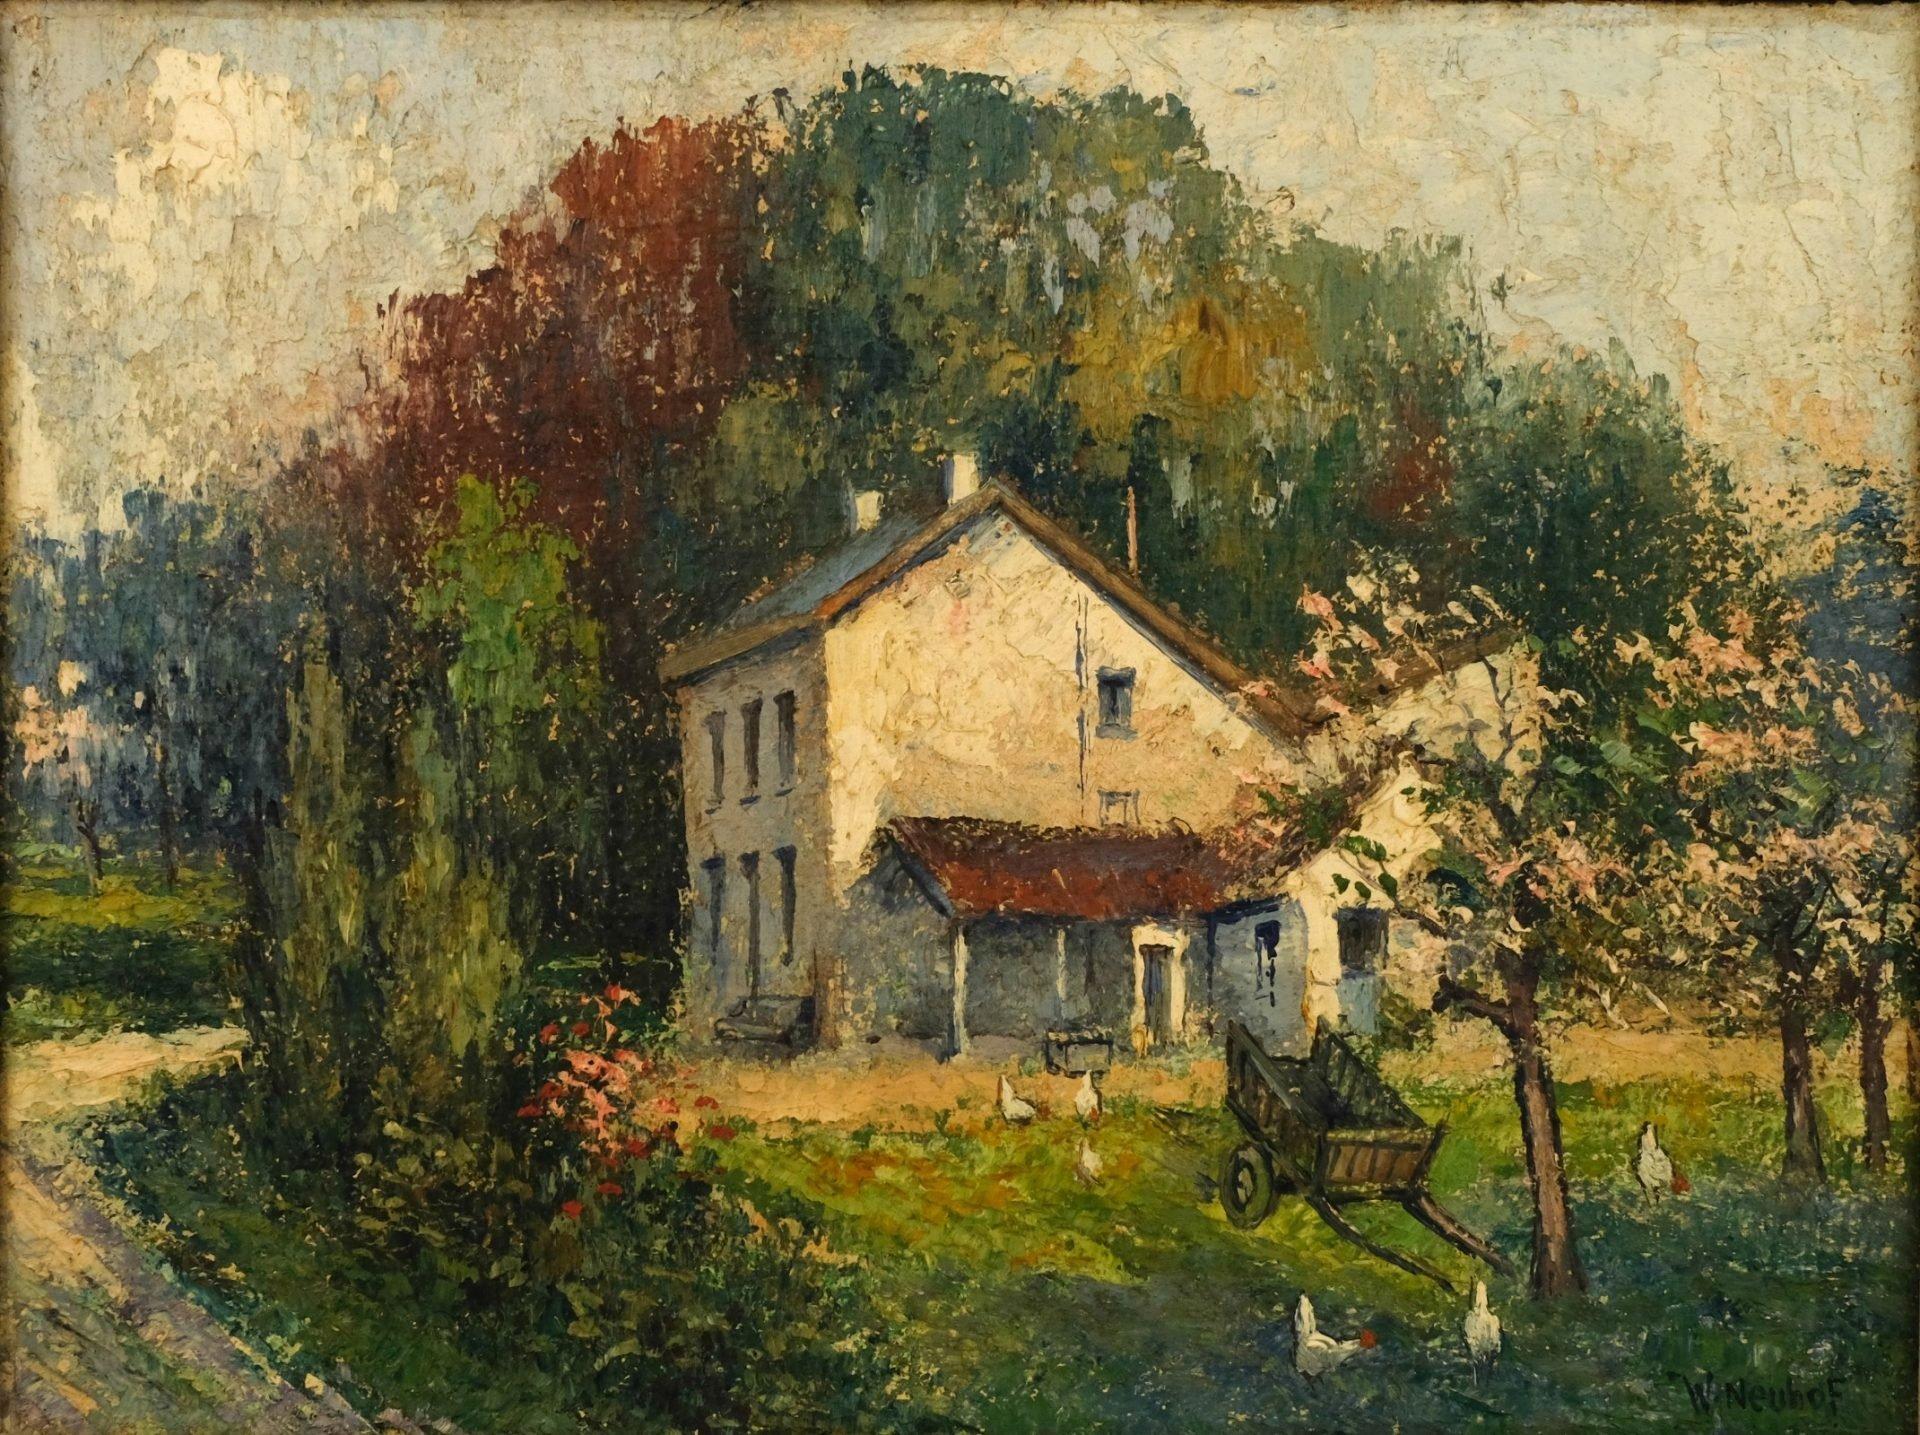 Walther Neuhof (1904-1982) - Huis met boerenkar